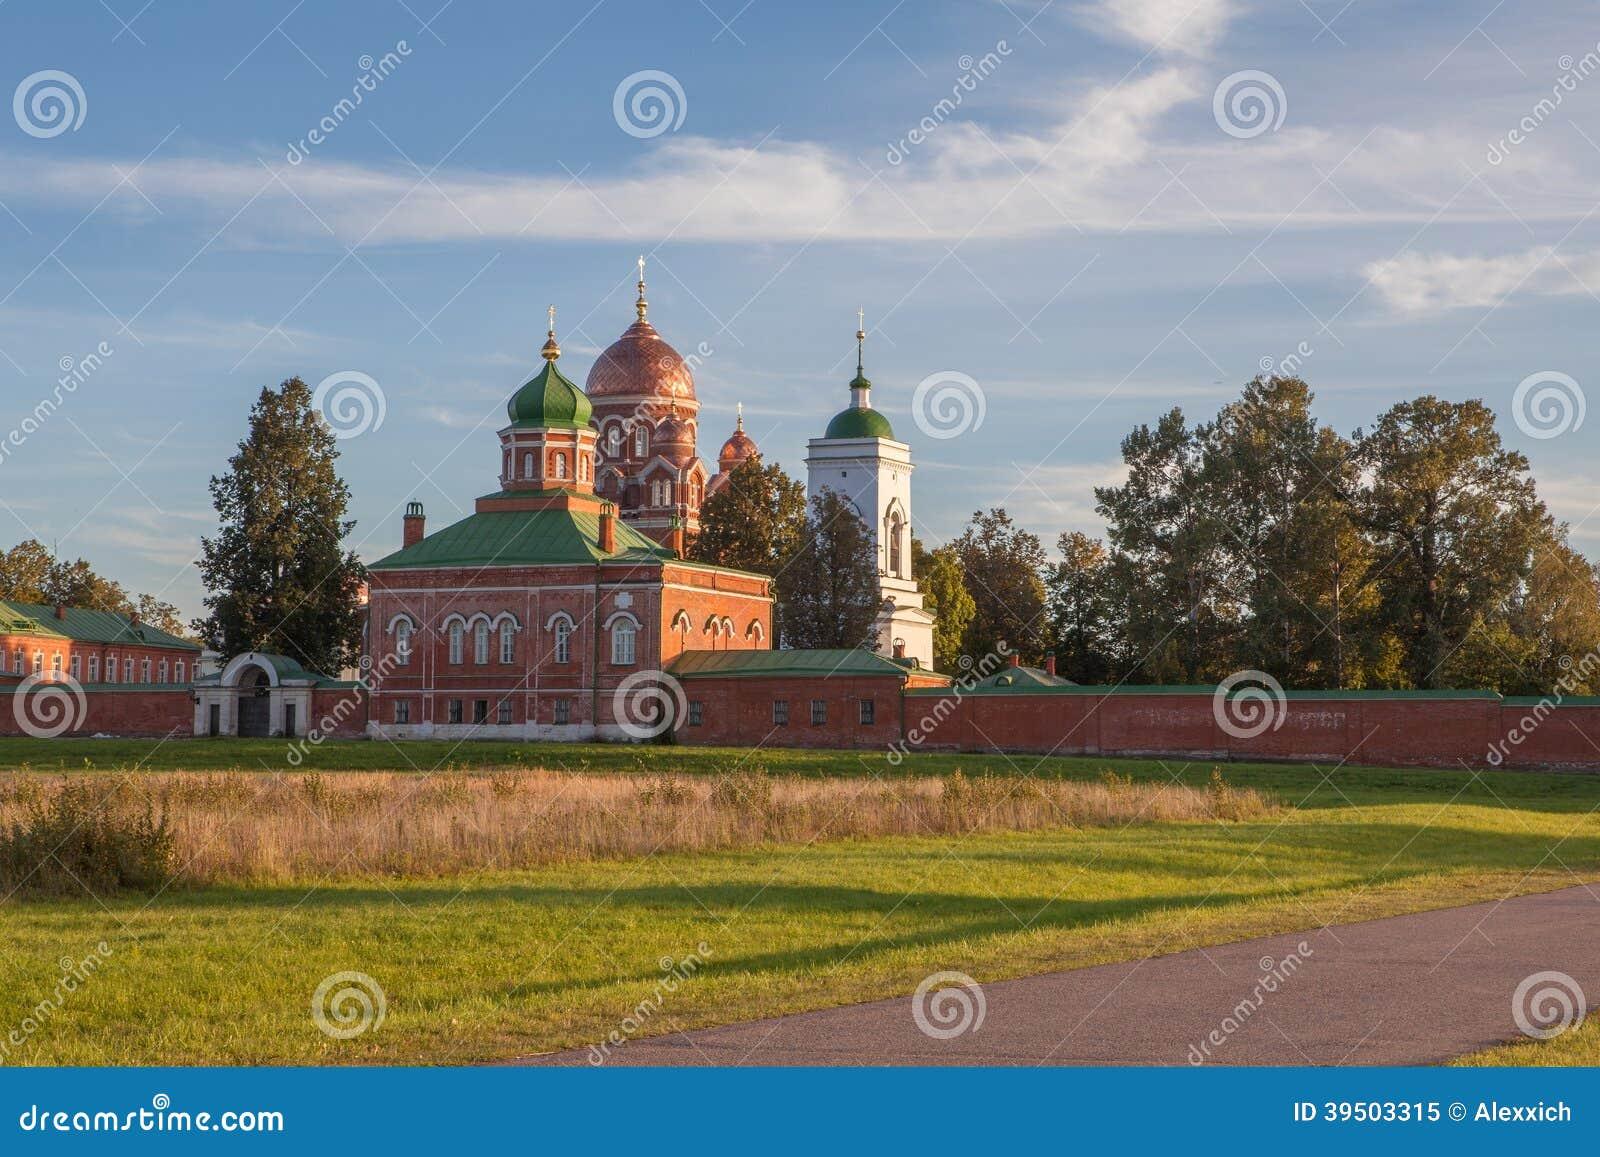 Church in Borodino Savior Convent. Russia